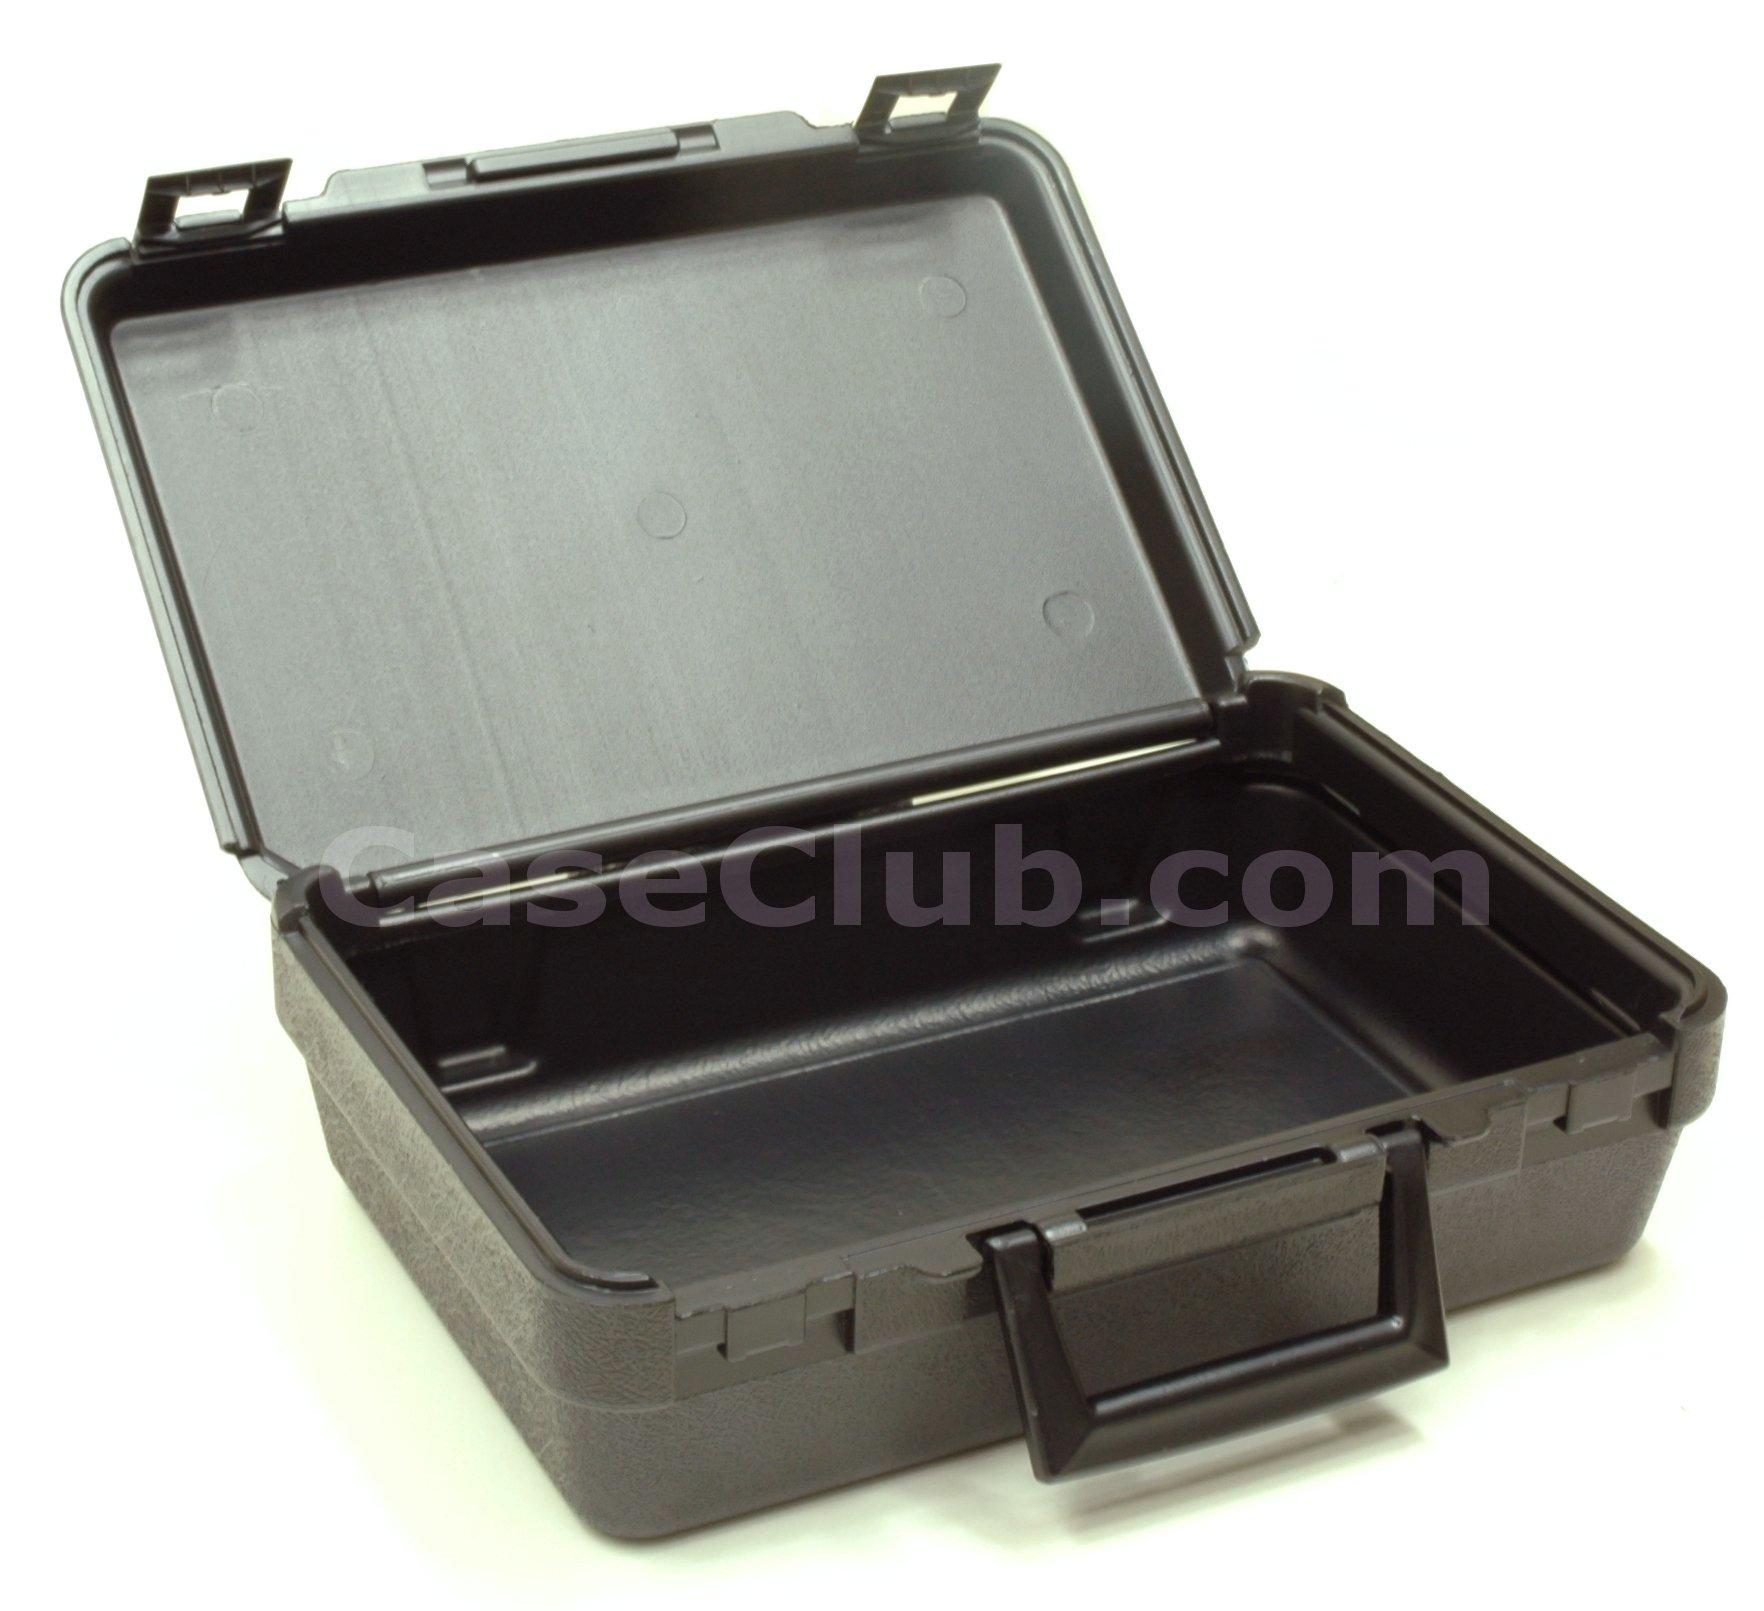 WR13.5x9.0x4.375 Case